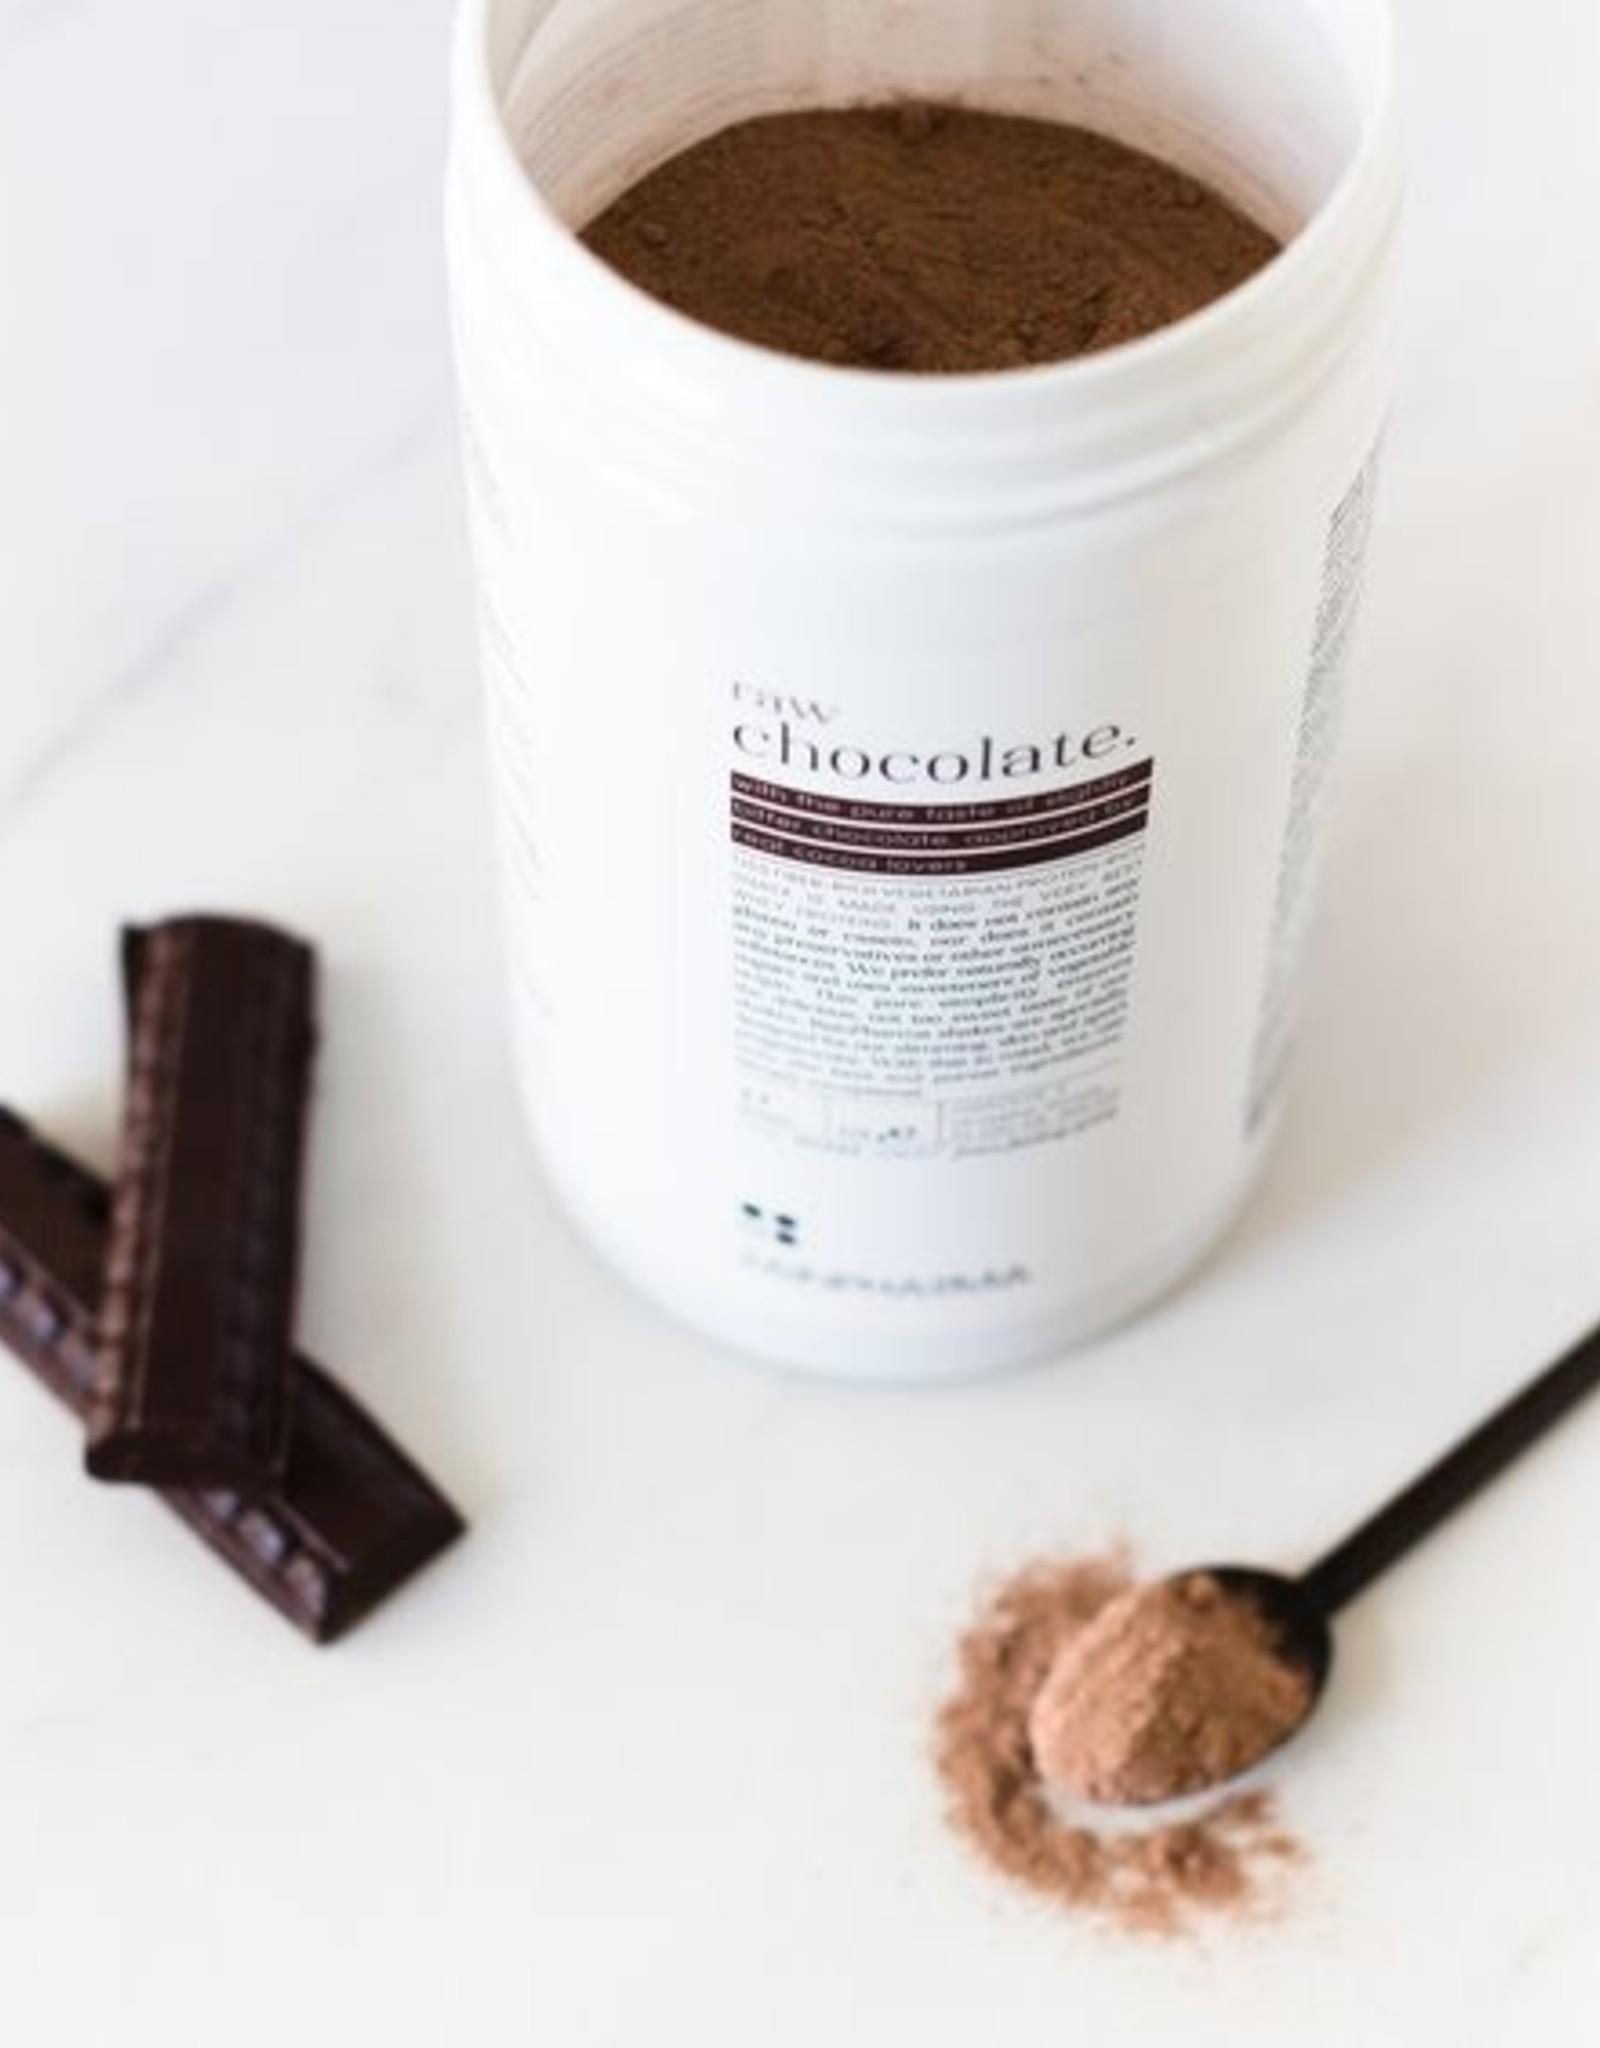 RainPharma Rainpharma - SNP BOX Raw Chocolate